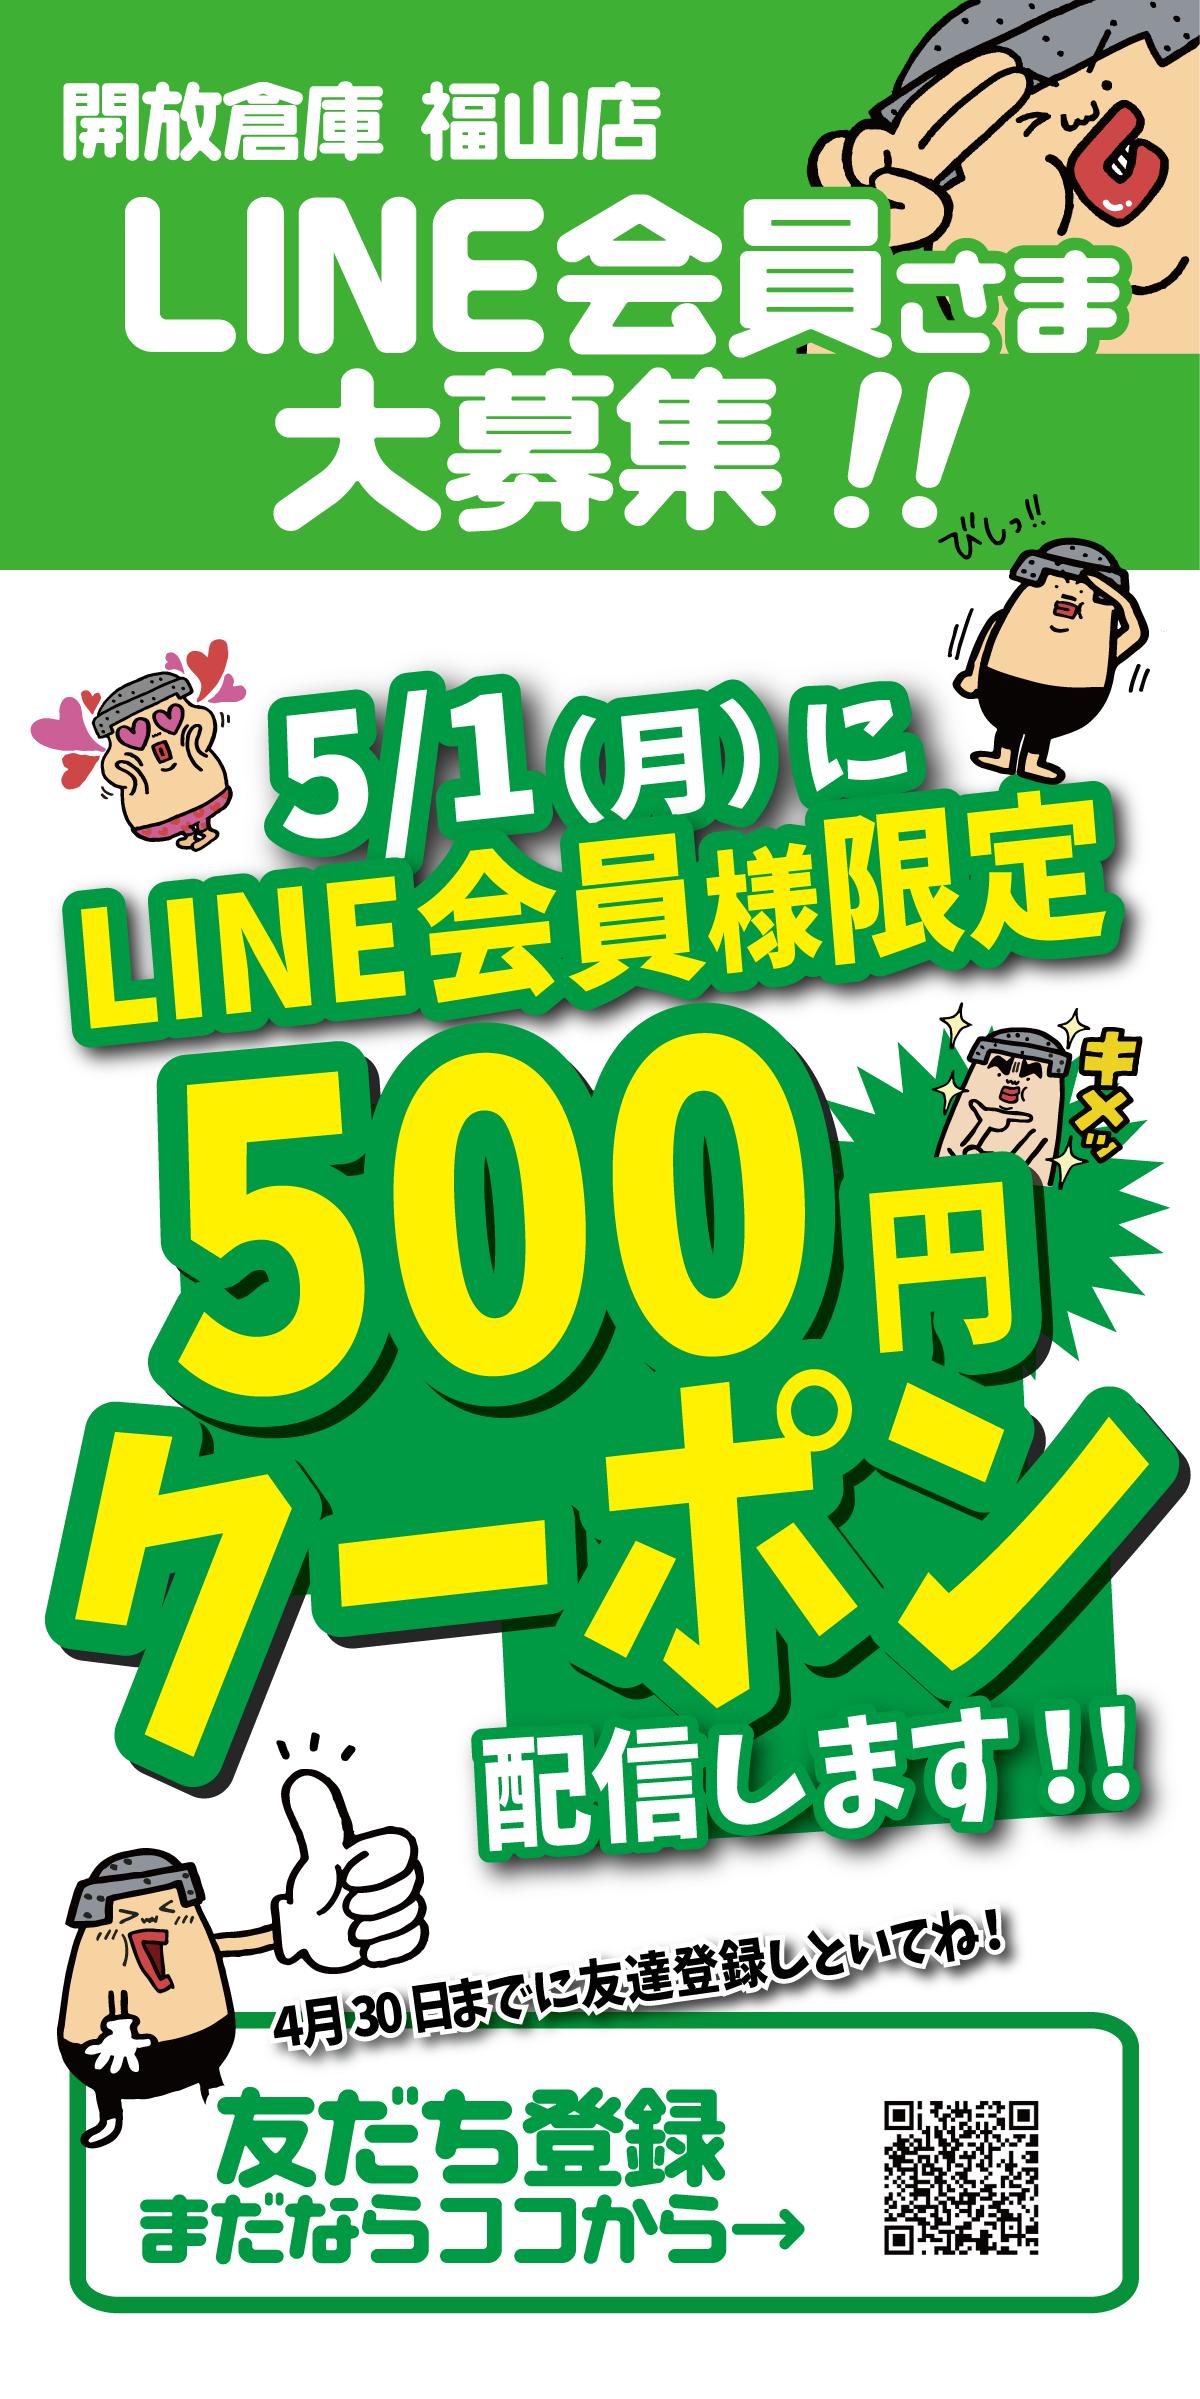 「開放倉庫福山店」5/1(月)にLINE会員様限定500円クーポン配信します!!それまでに会員登録しちゃおう!!